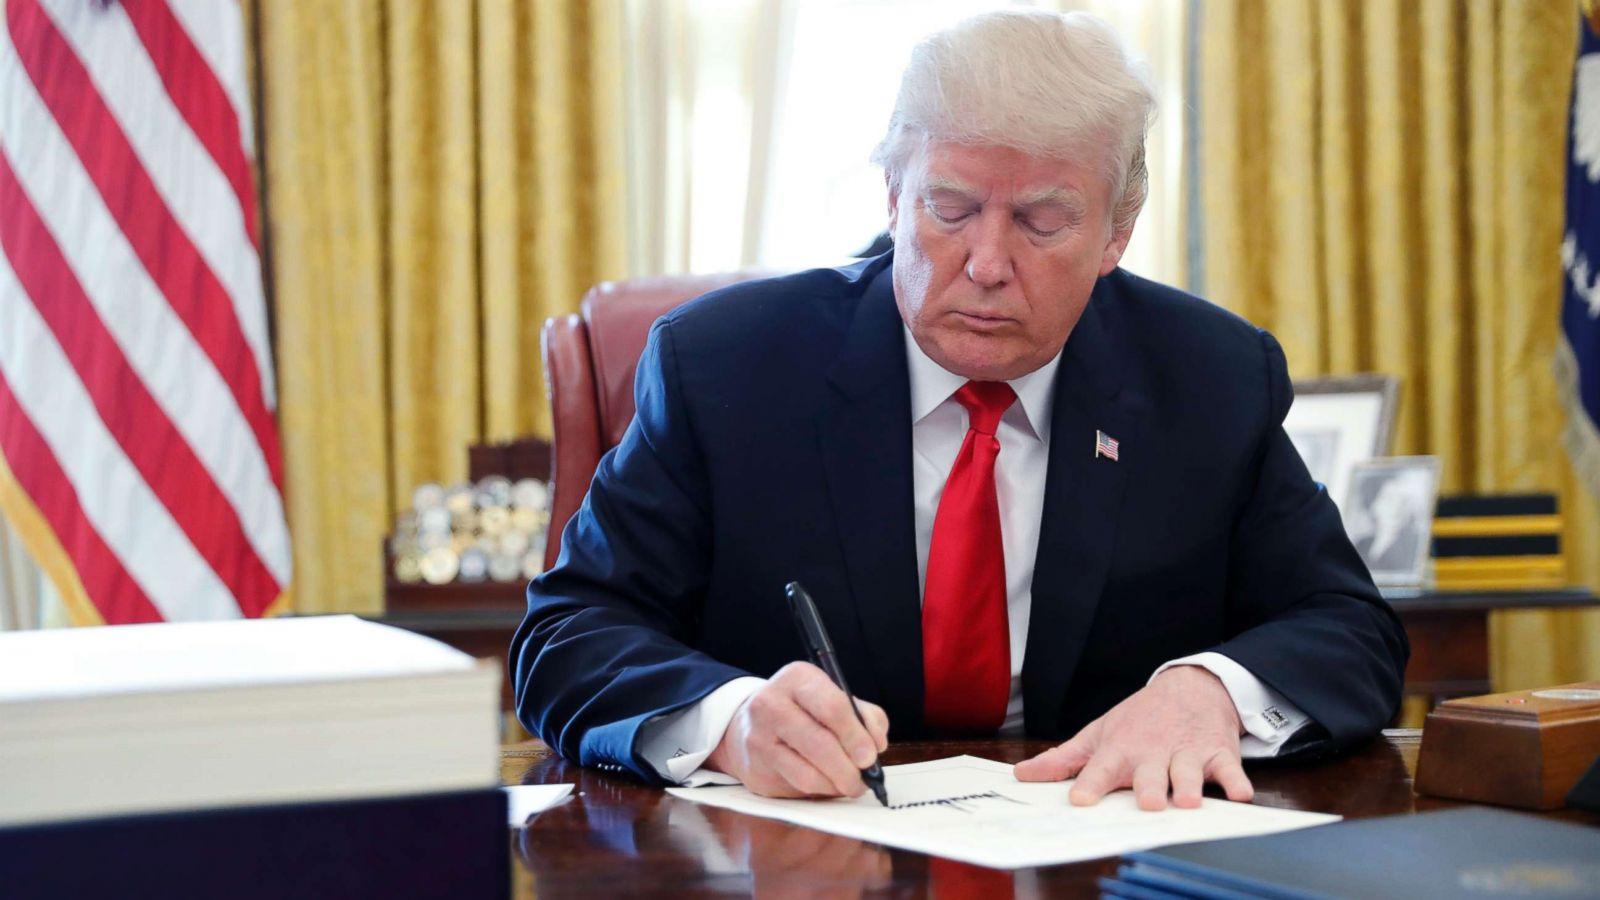 President Trump signs tax bill into law - ABC News